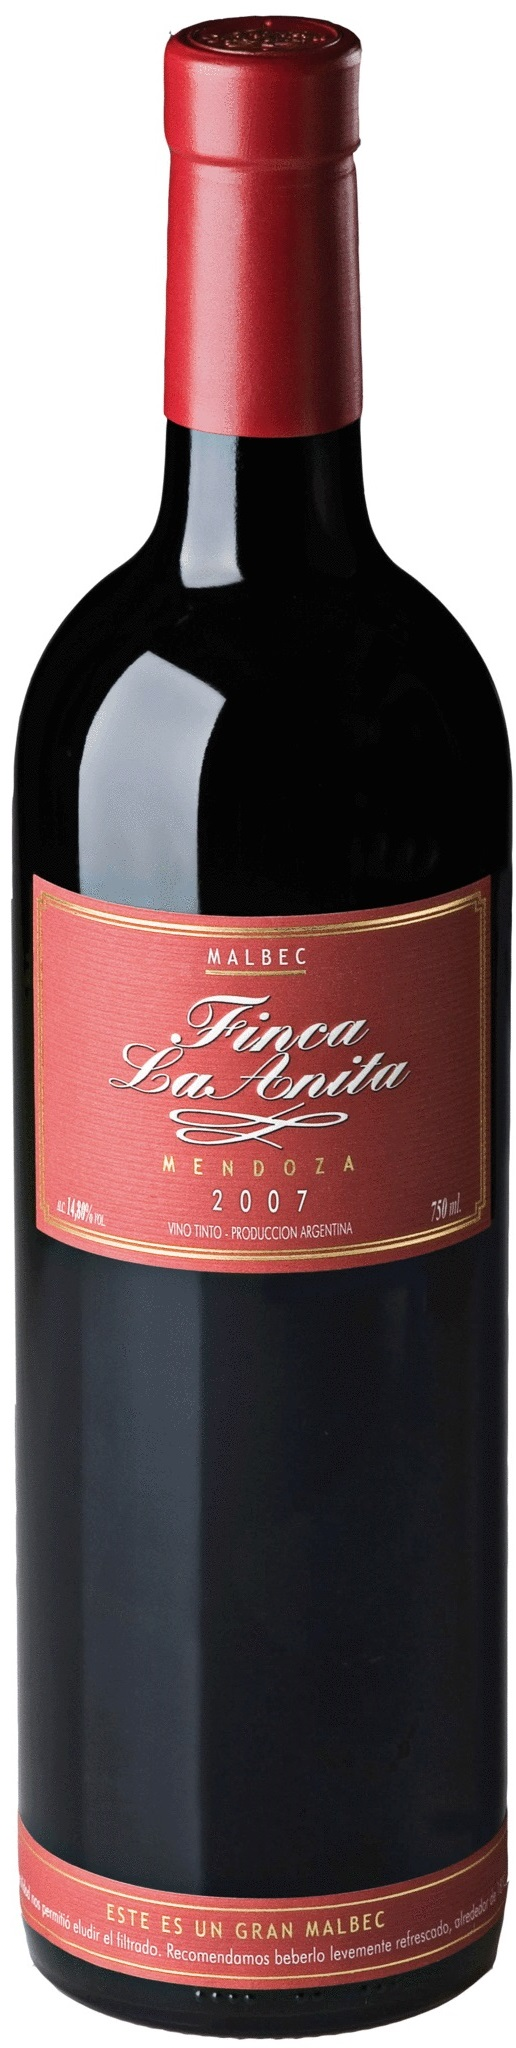 Finca La Anita Malbec 2014 Bodega Finca La Anita Lujan De Cuyo Mendoza Terroir Alto Agrelo Vinhos E Queijos Vinho Espumante Wine Vinhos